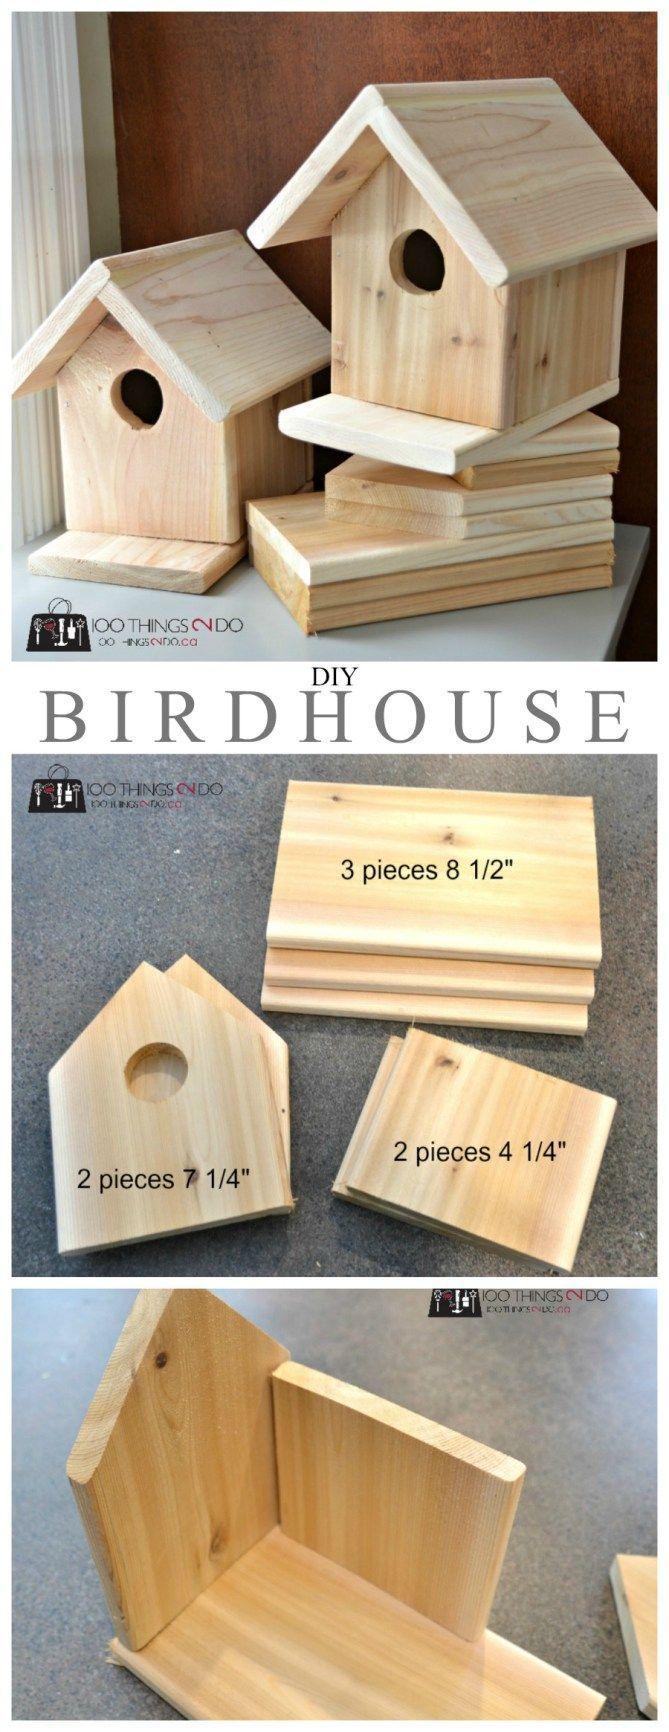 DIY Birdhouse – nur 3 Dollar zu bauen und ein tolles Projekt für Kinder und Natur